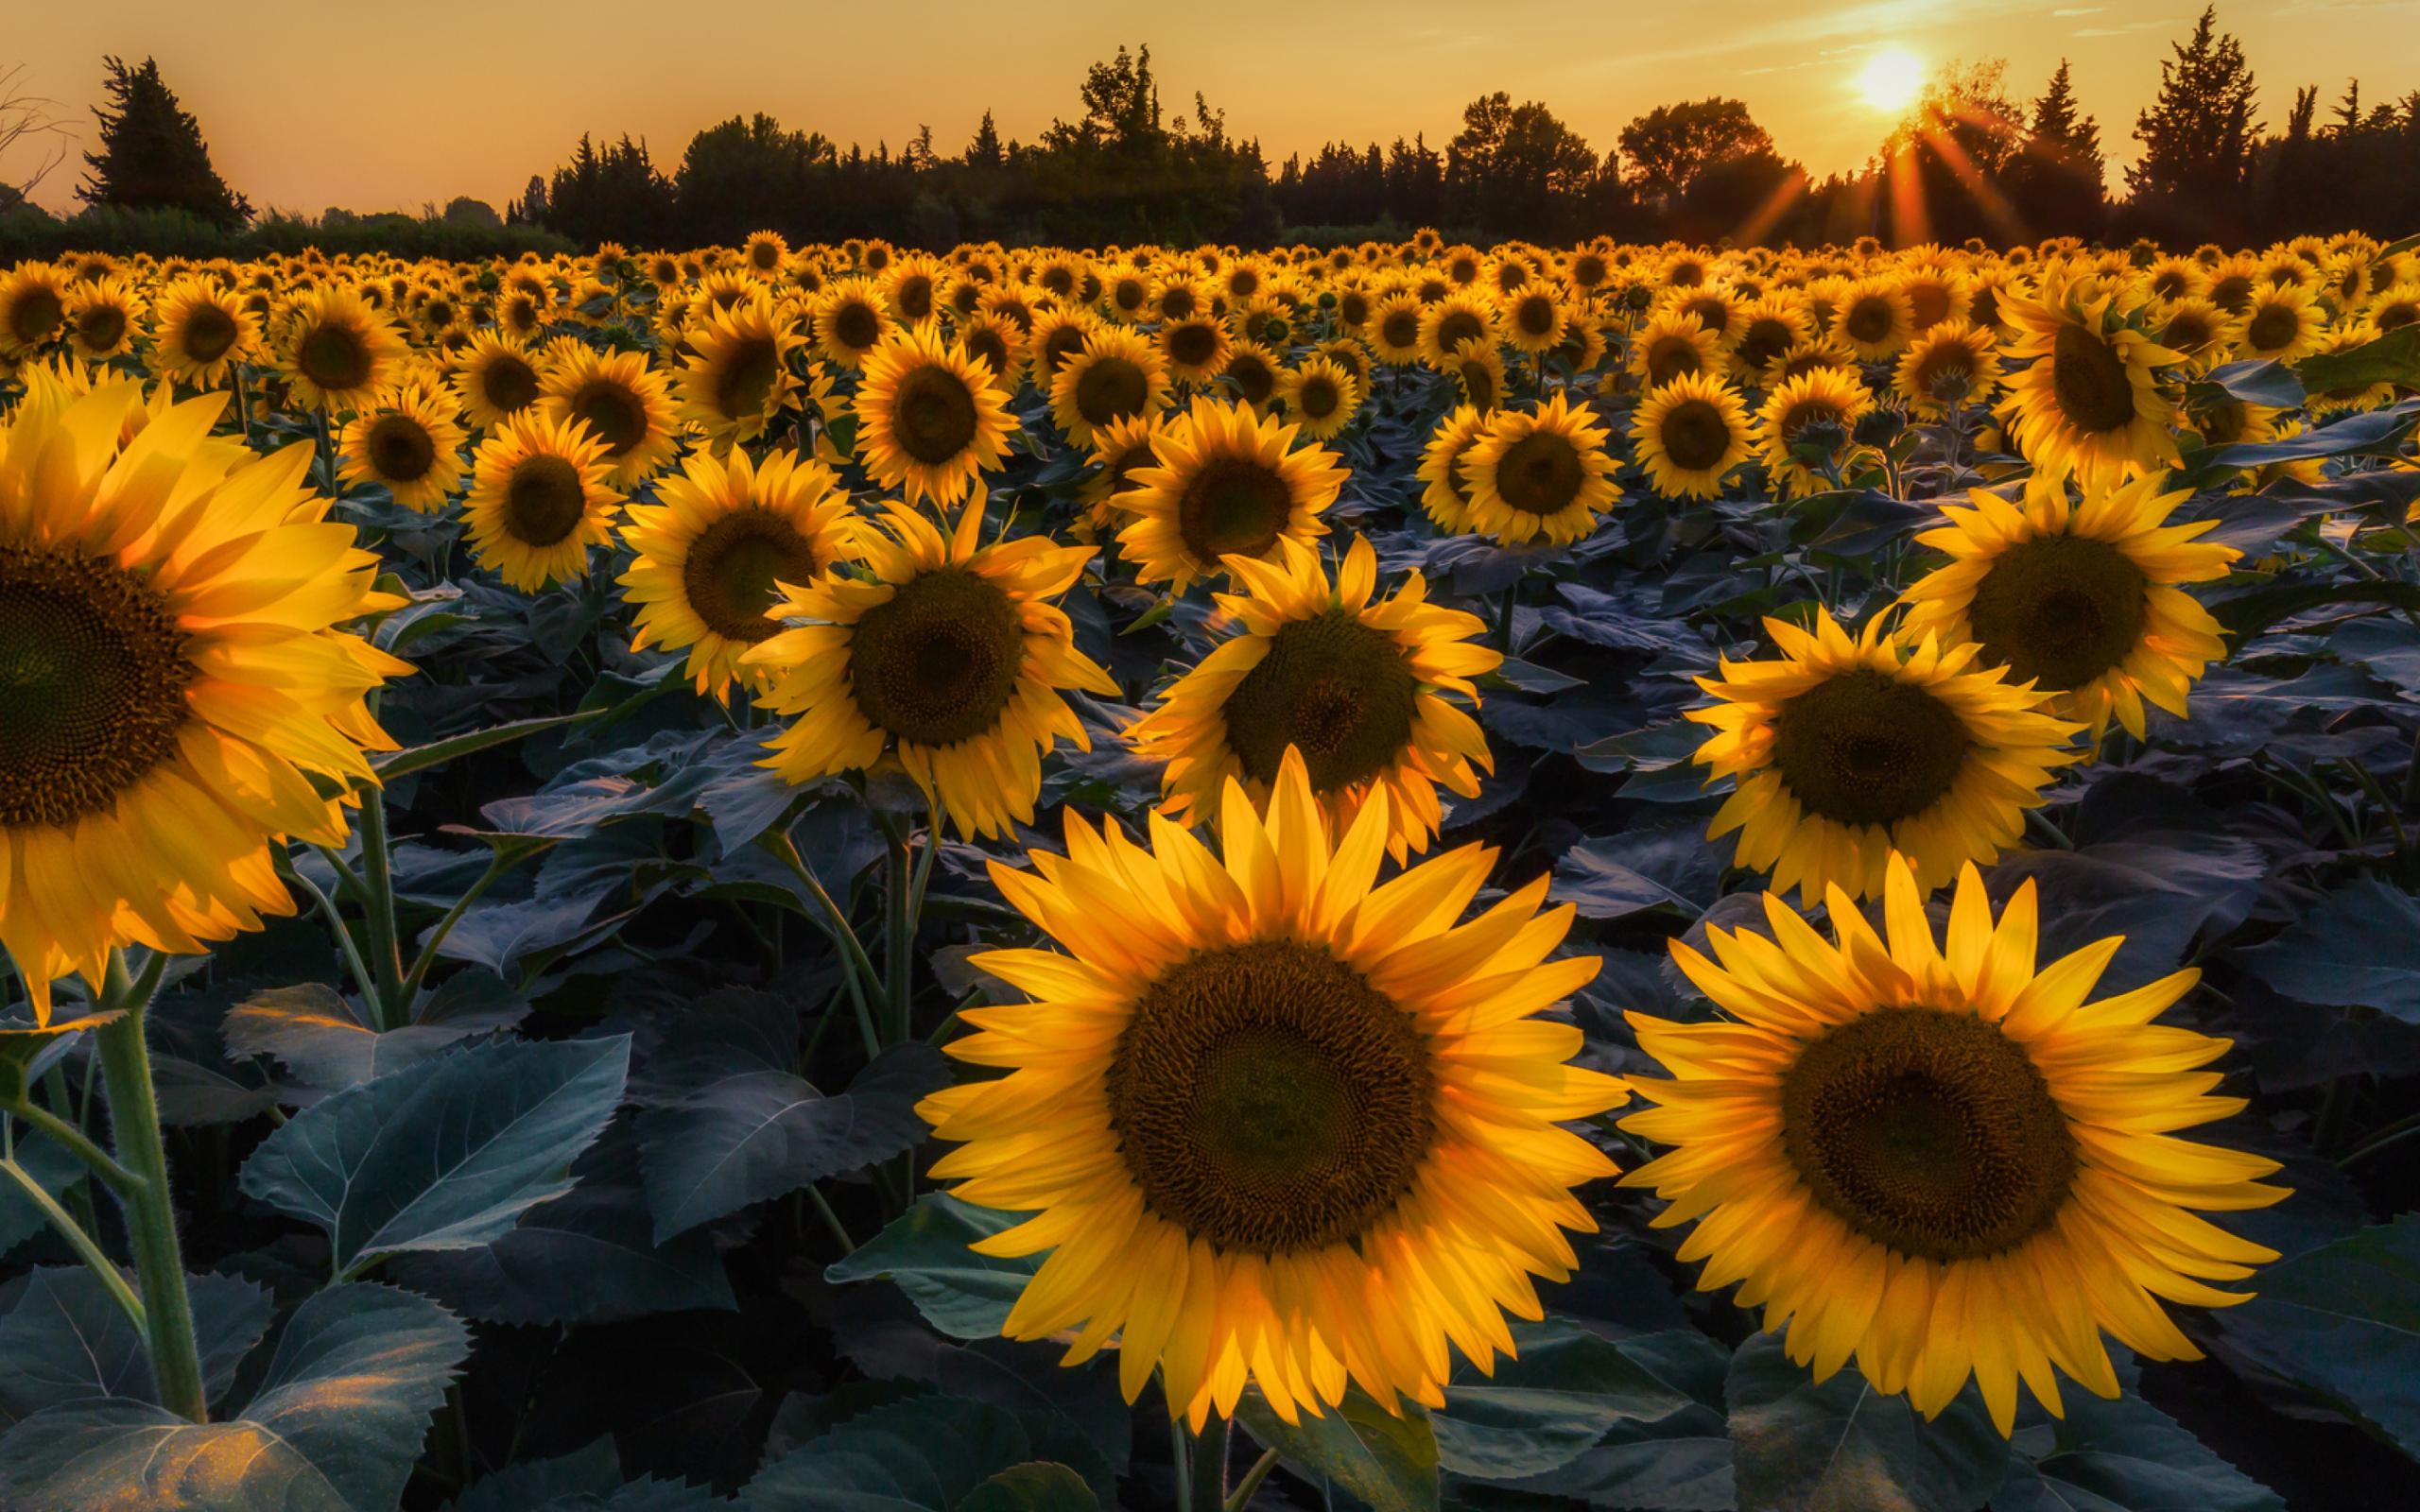 подсолнухи поле sunflowers field  № 419134 загрузить